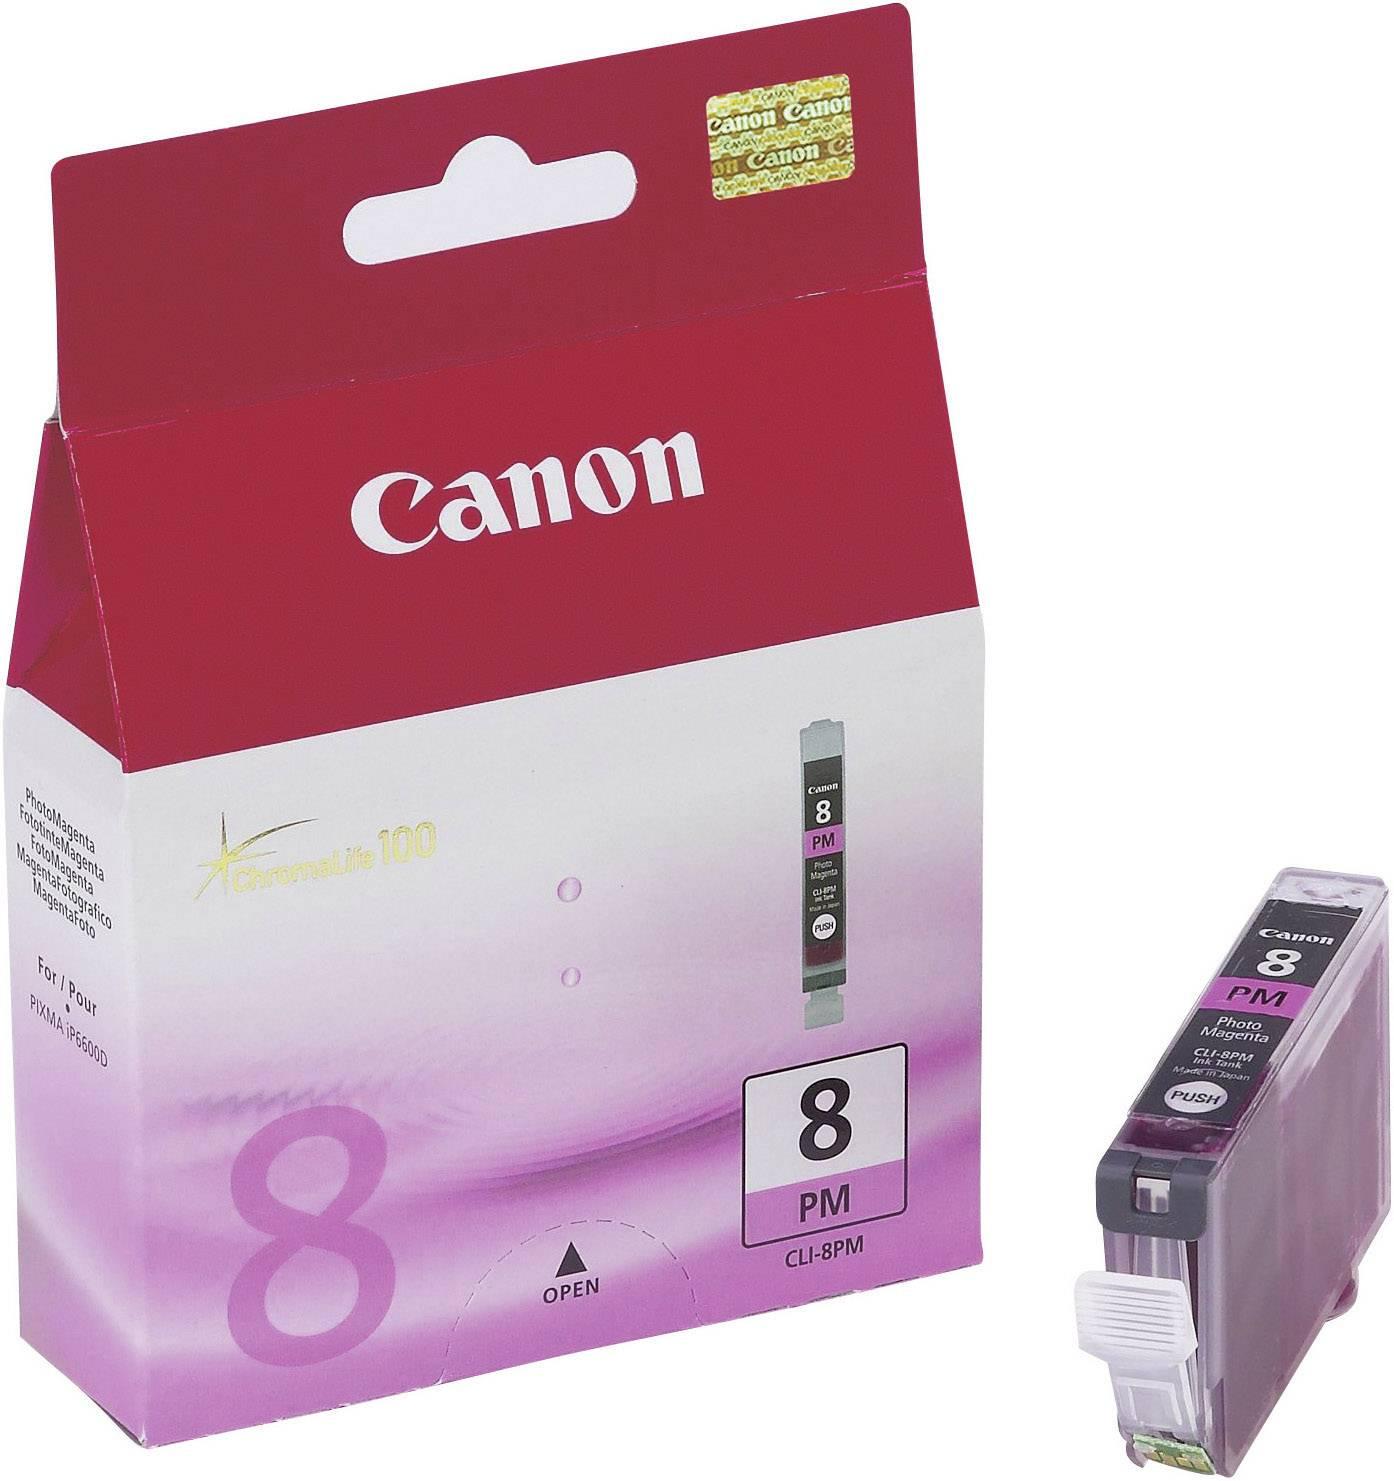 Náplň do tlačiarne Canon CLI-8PM 0625B001, foto purpurová